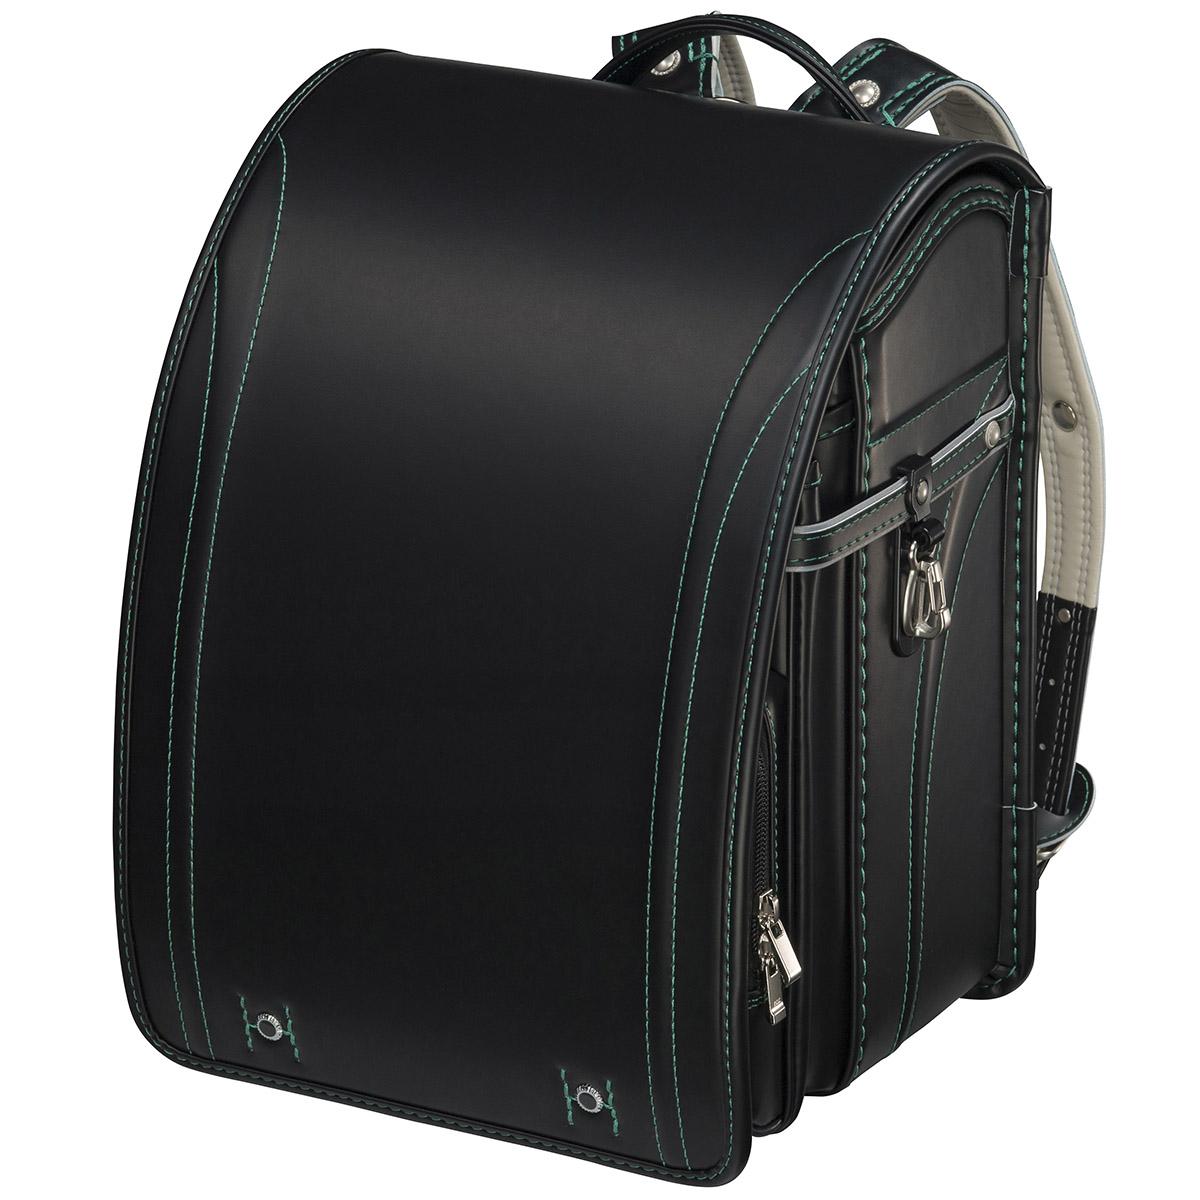 フィットちゃんランドセル グッドボーイ(FIT-205Z) A4フラットファイル収納サイズ